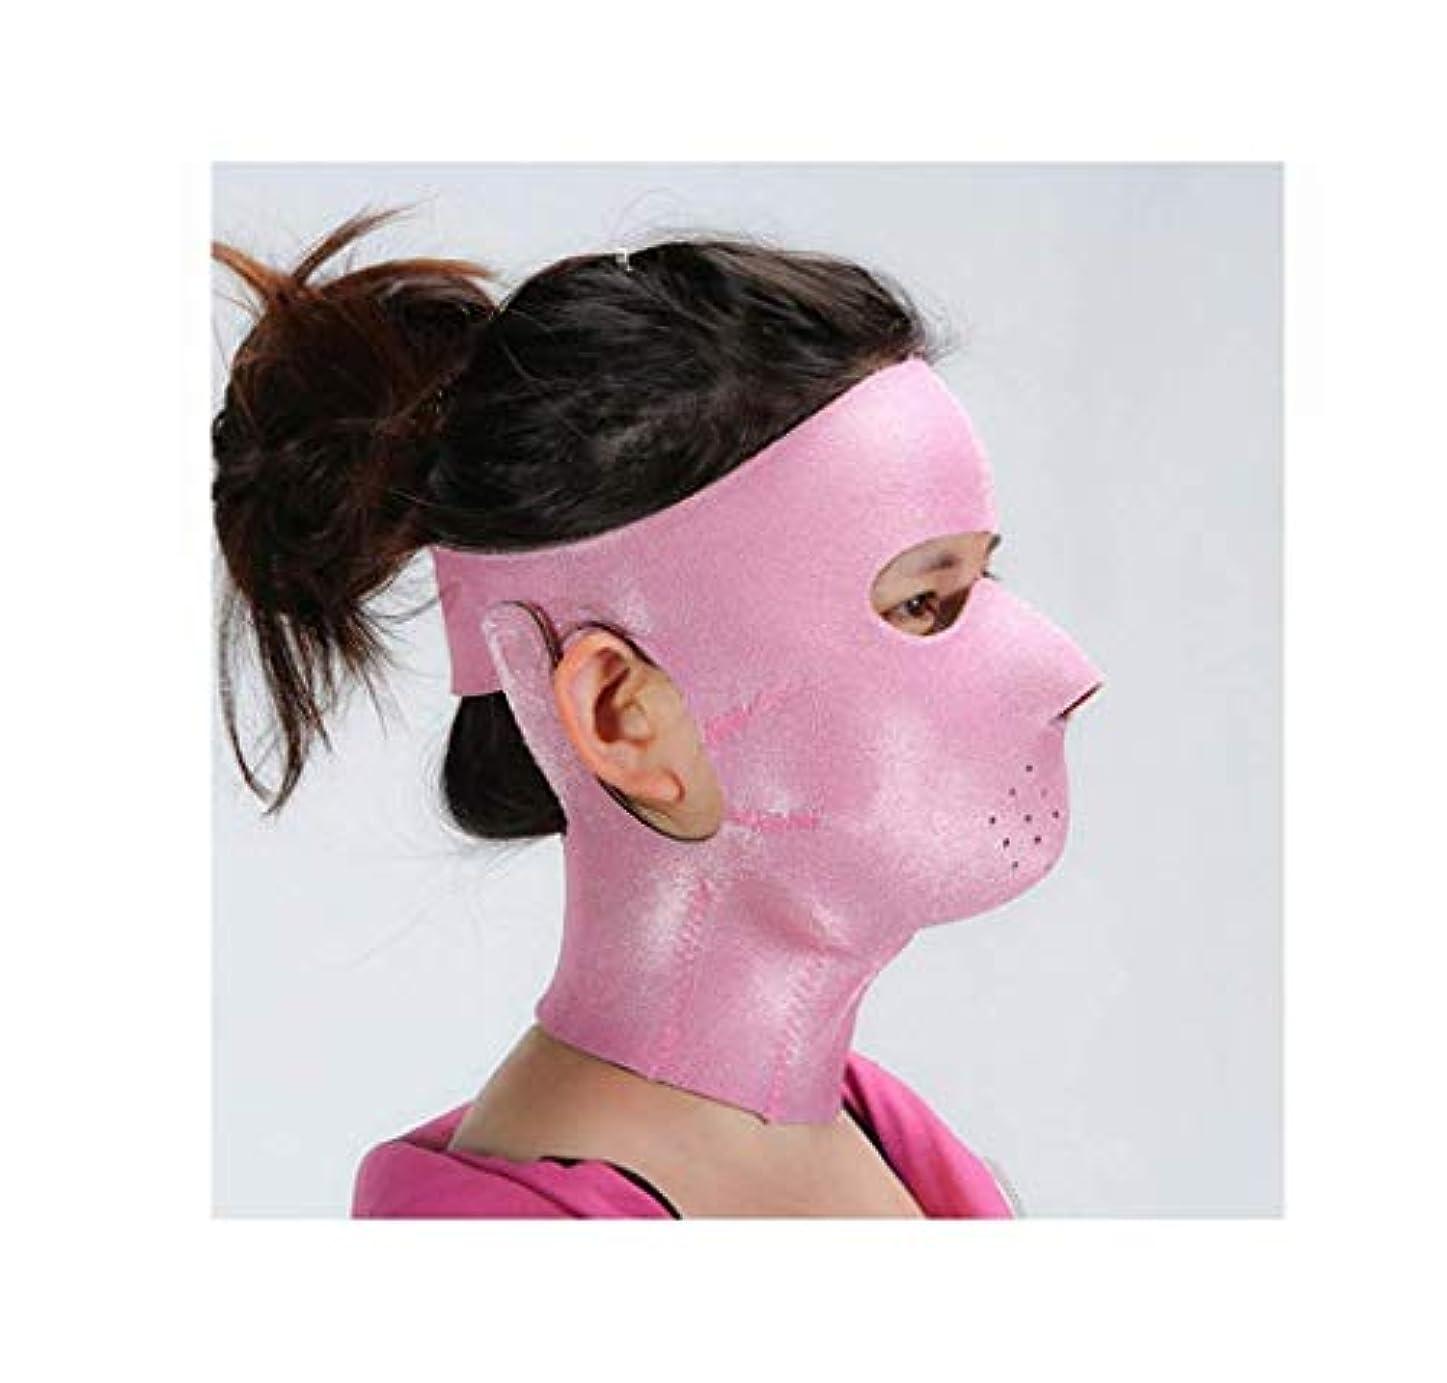 許可気を散らす郵便フェイスリフトマスク、フェイシャルマスクプラス薄いフェイスマスクタイトなたるみの薄いフェイスマスクフェイシャル薄いフェイスマスクアーティファクトビューティーネックストラップ付き